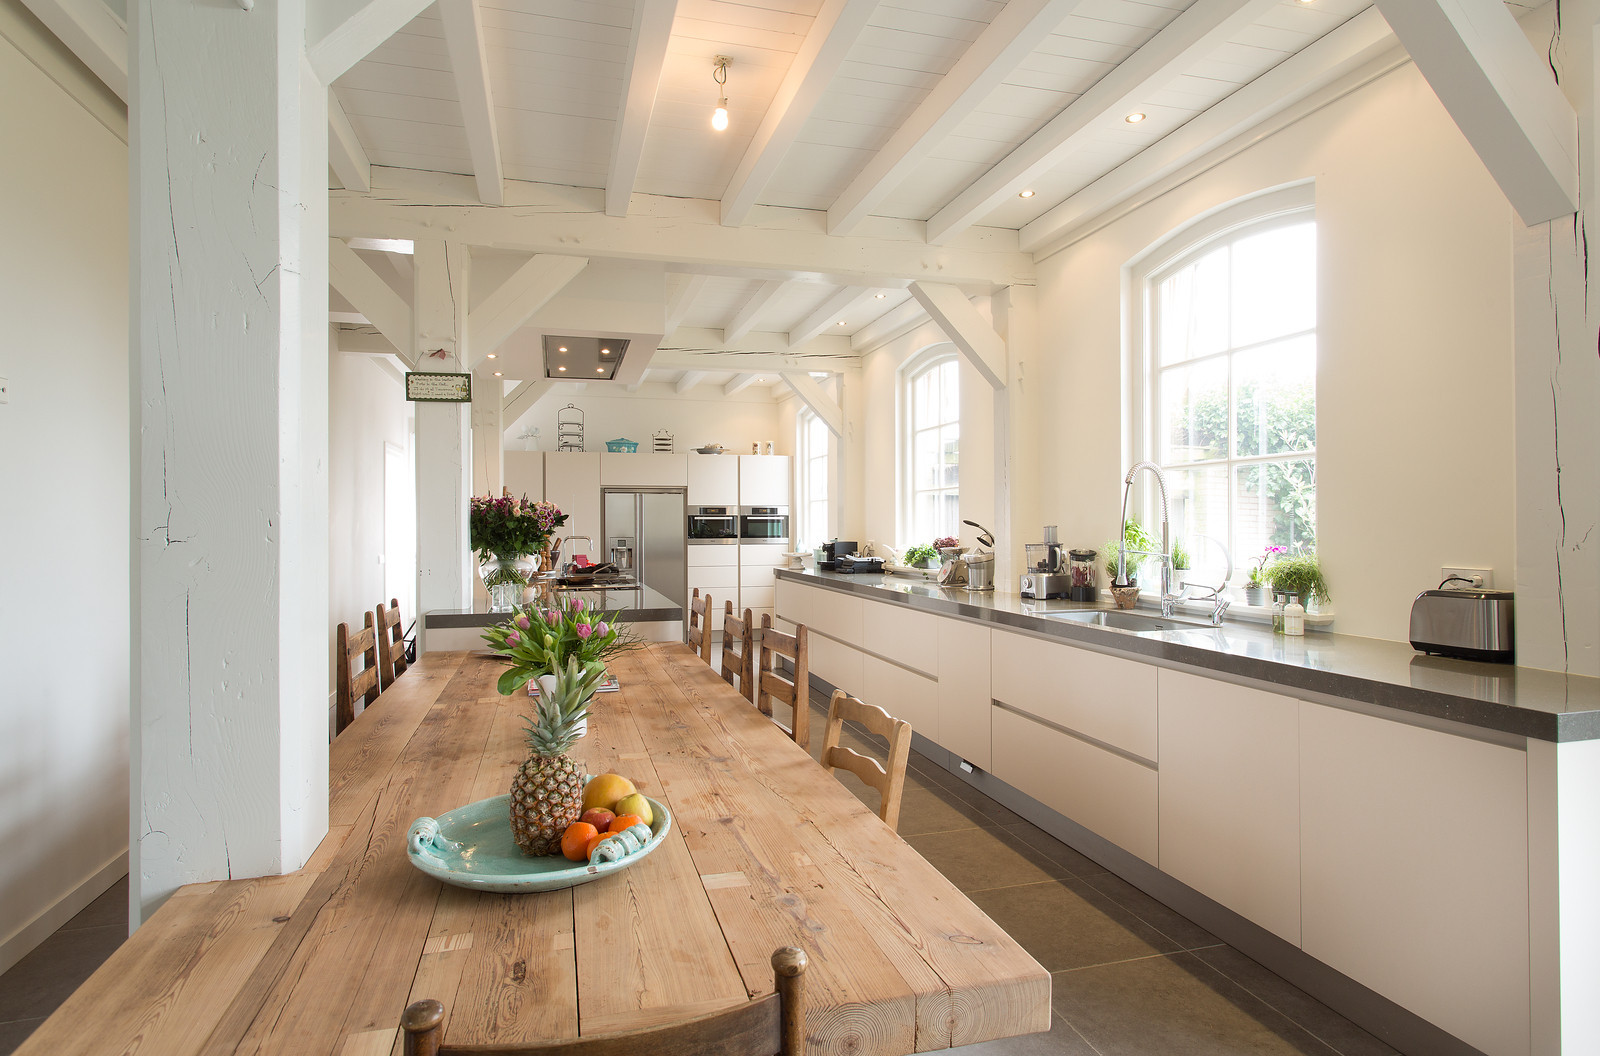 Landelijke keukens Startpagina voor keuken ideeën  UW-keuken.nl